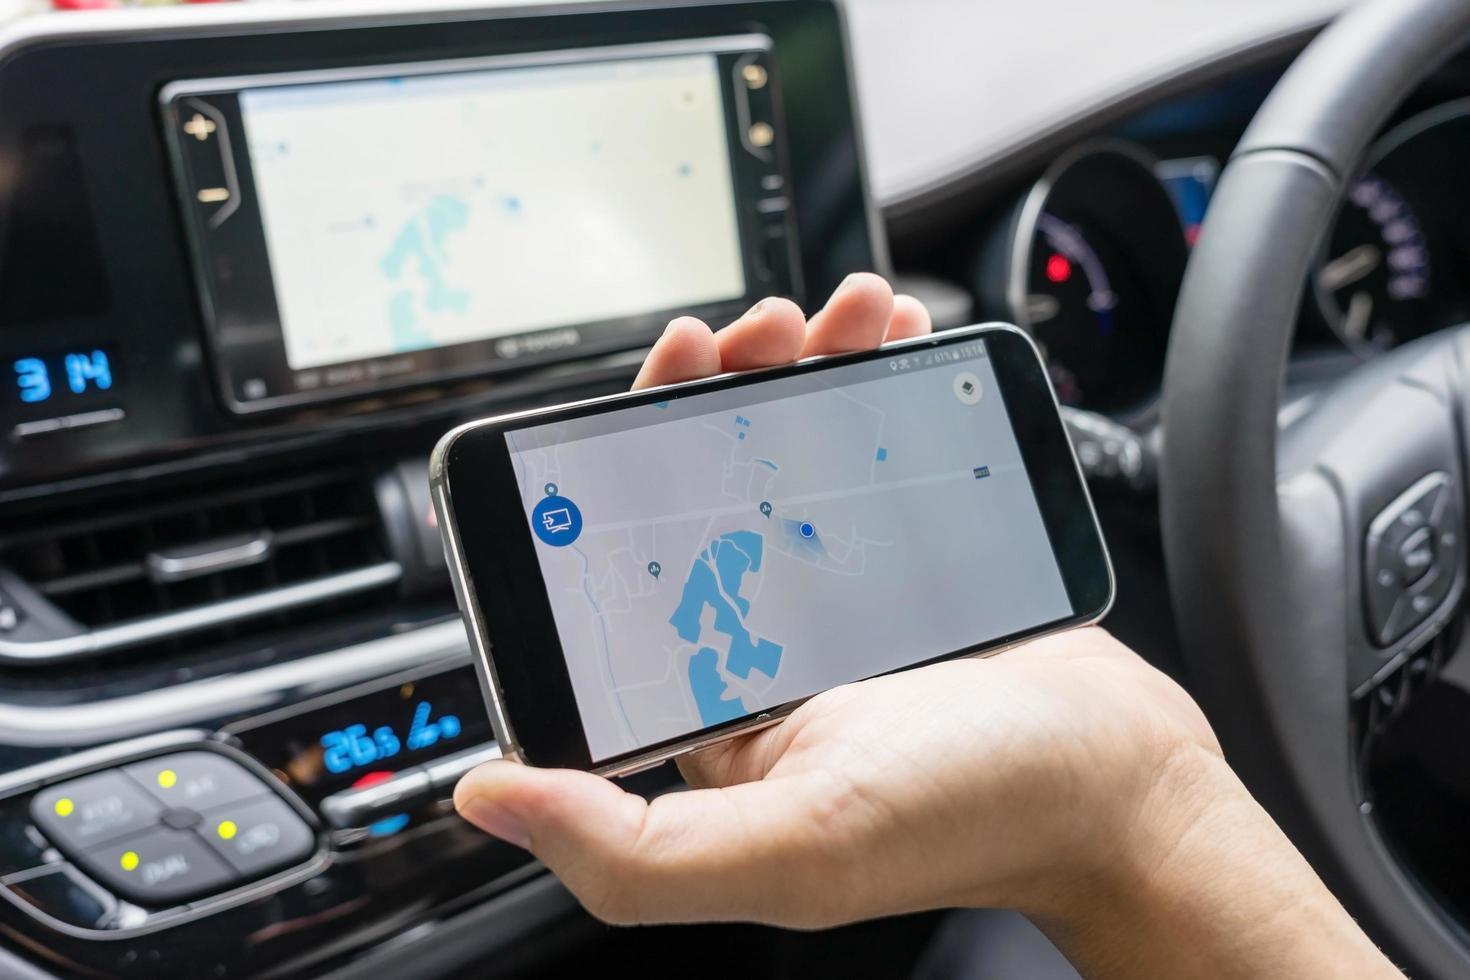 homme dans la voiture tenant un téléphone mobile noir avec carte photo